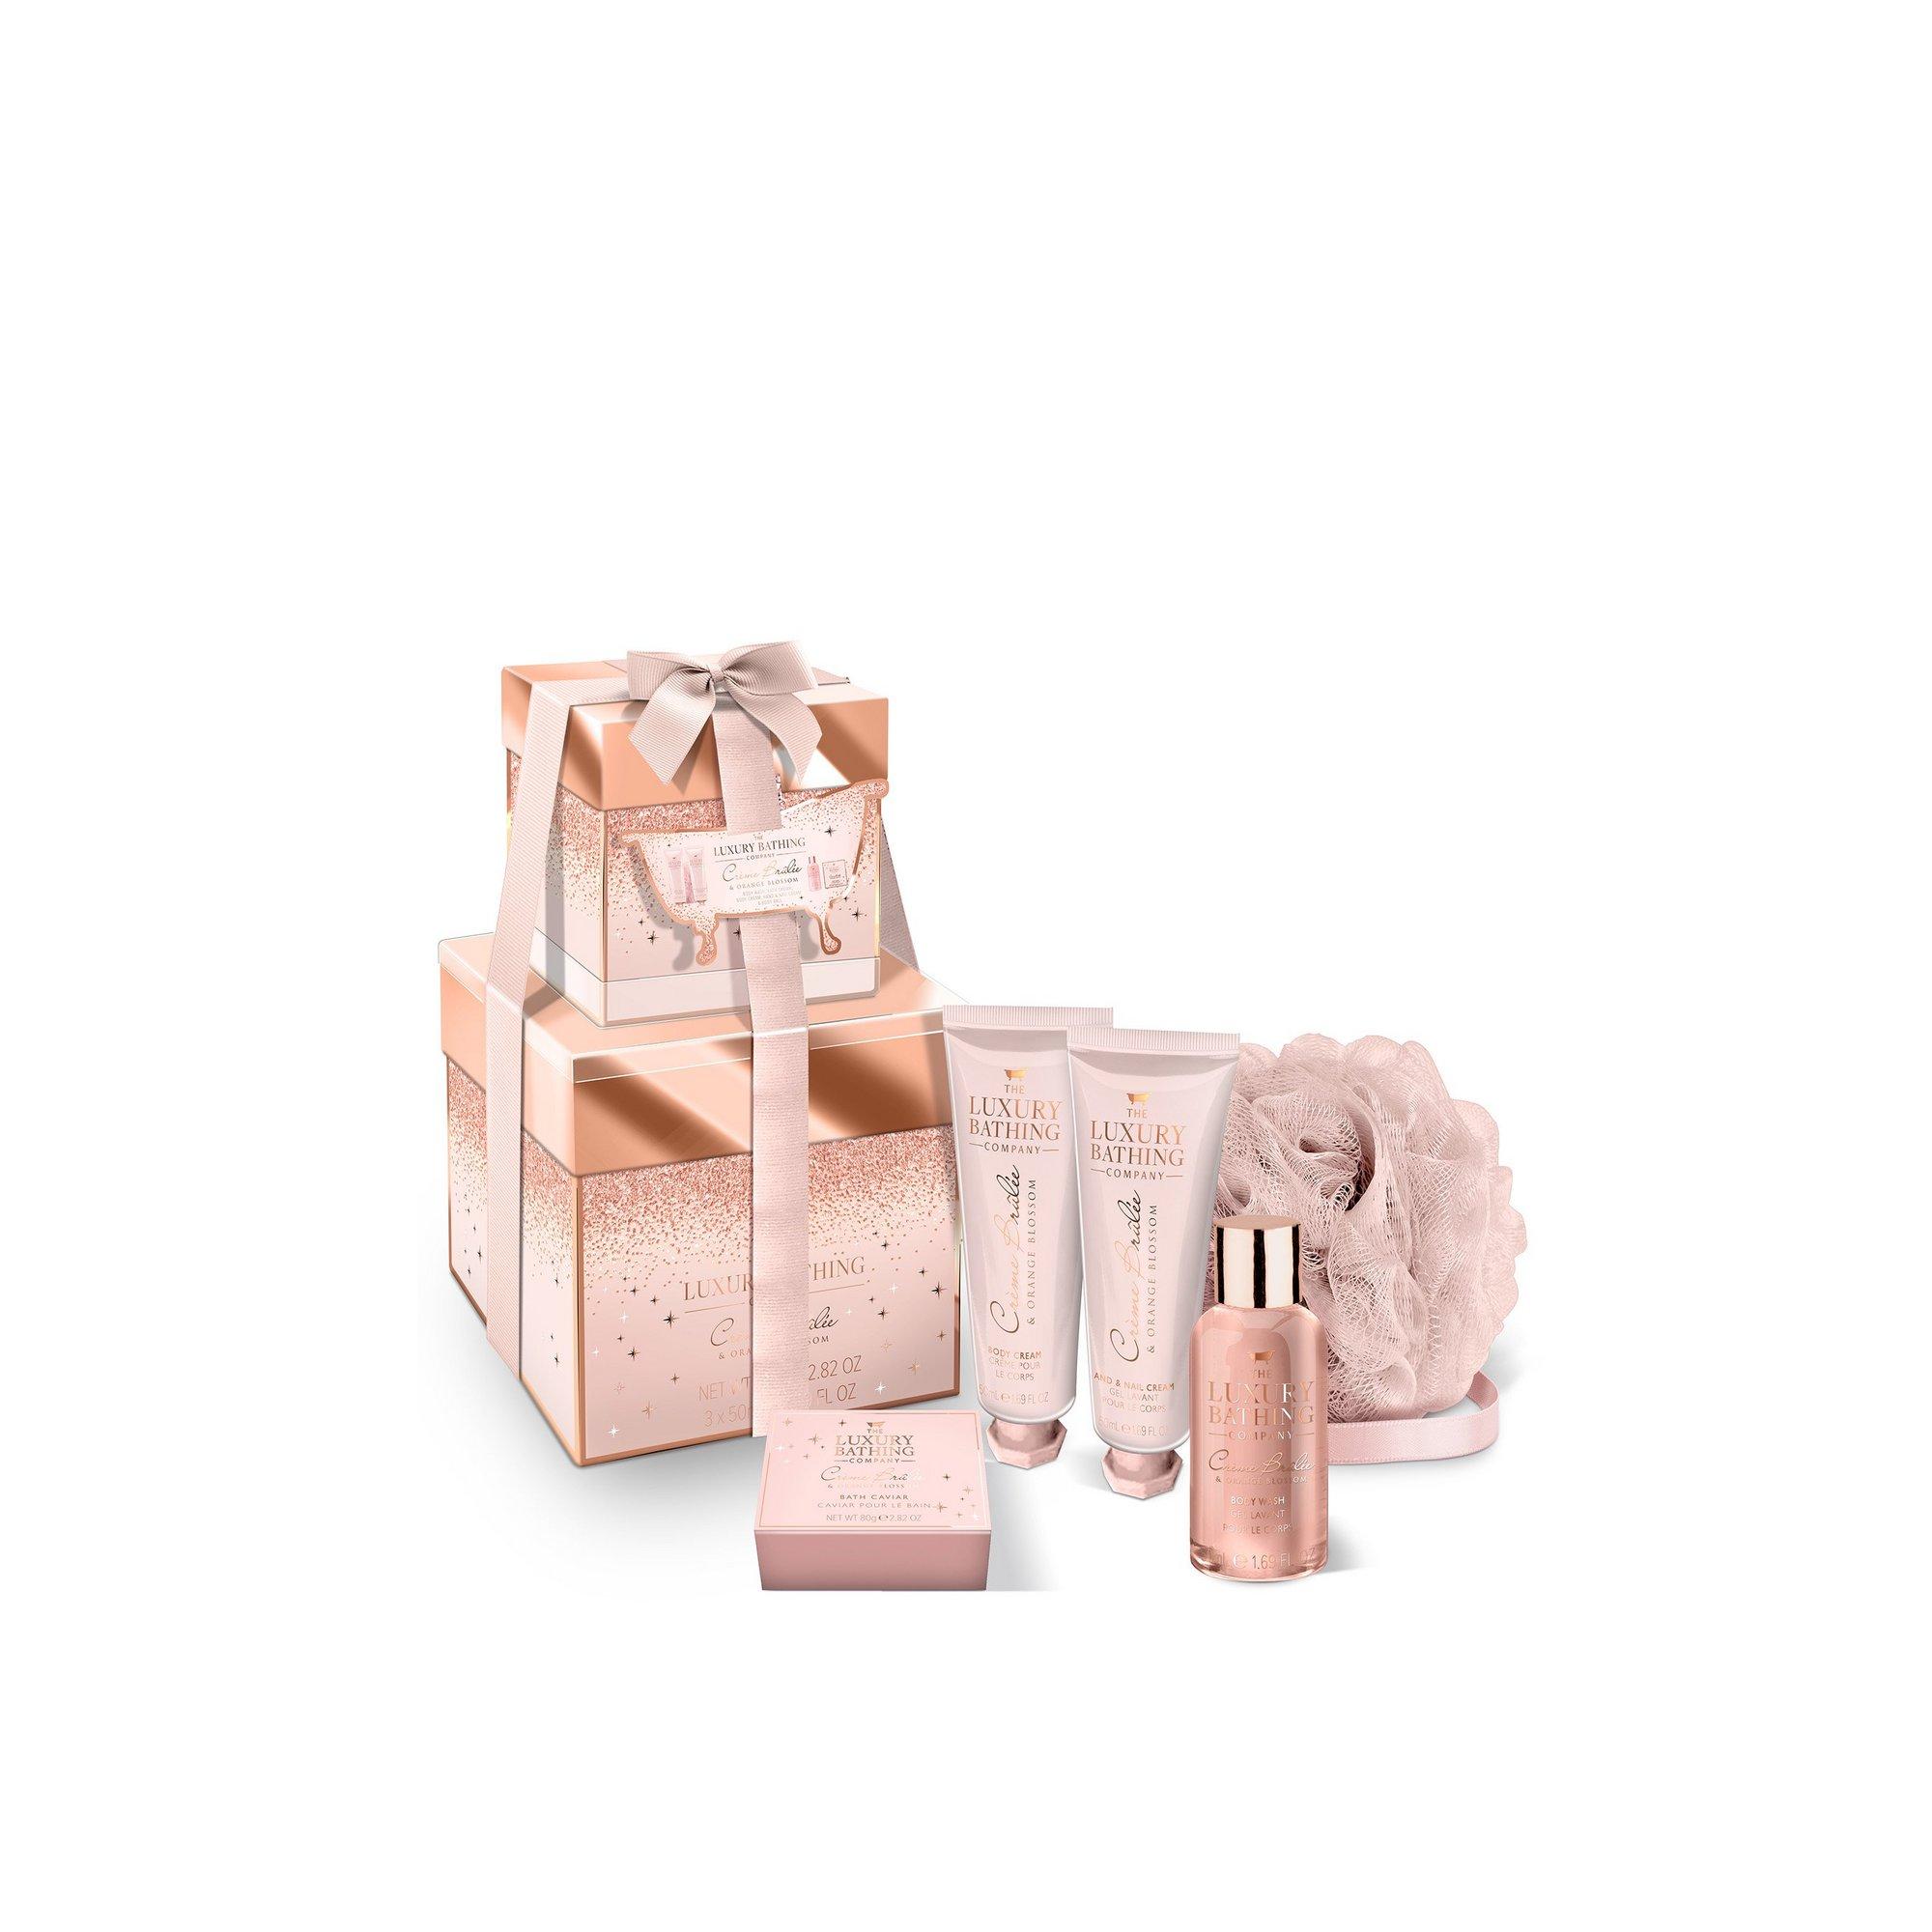 Image of Grace Cole All Stacks Up Crème Brulee + Orange Blossom Gift Set